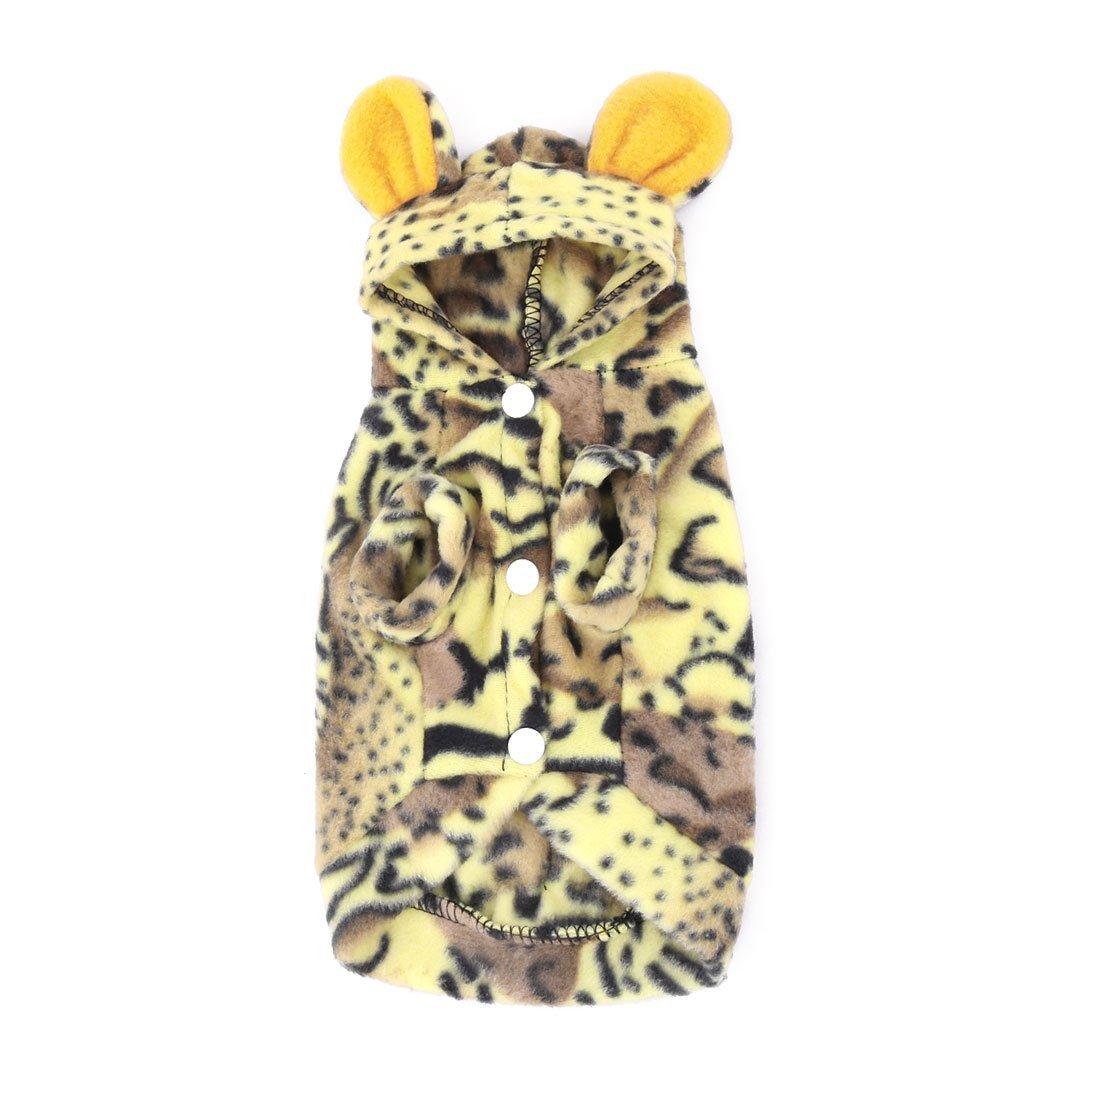 Amazon.com : eDealMax Mezclas de algodón Tigre Modelo de la piel del perro casero perrito ropa de Abrigo Negro Amarillo : Pet Supplies